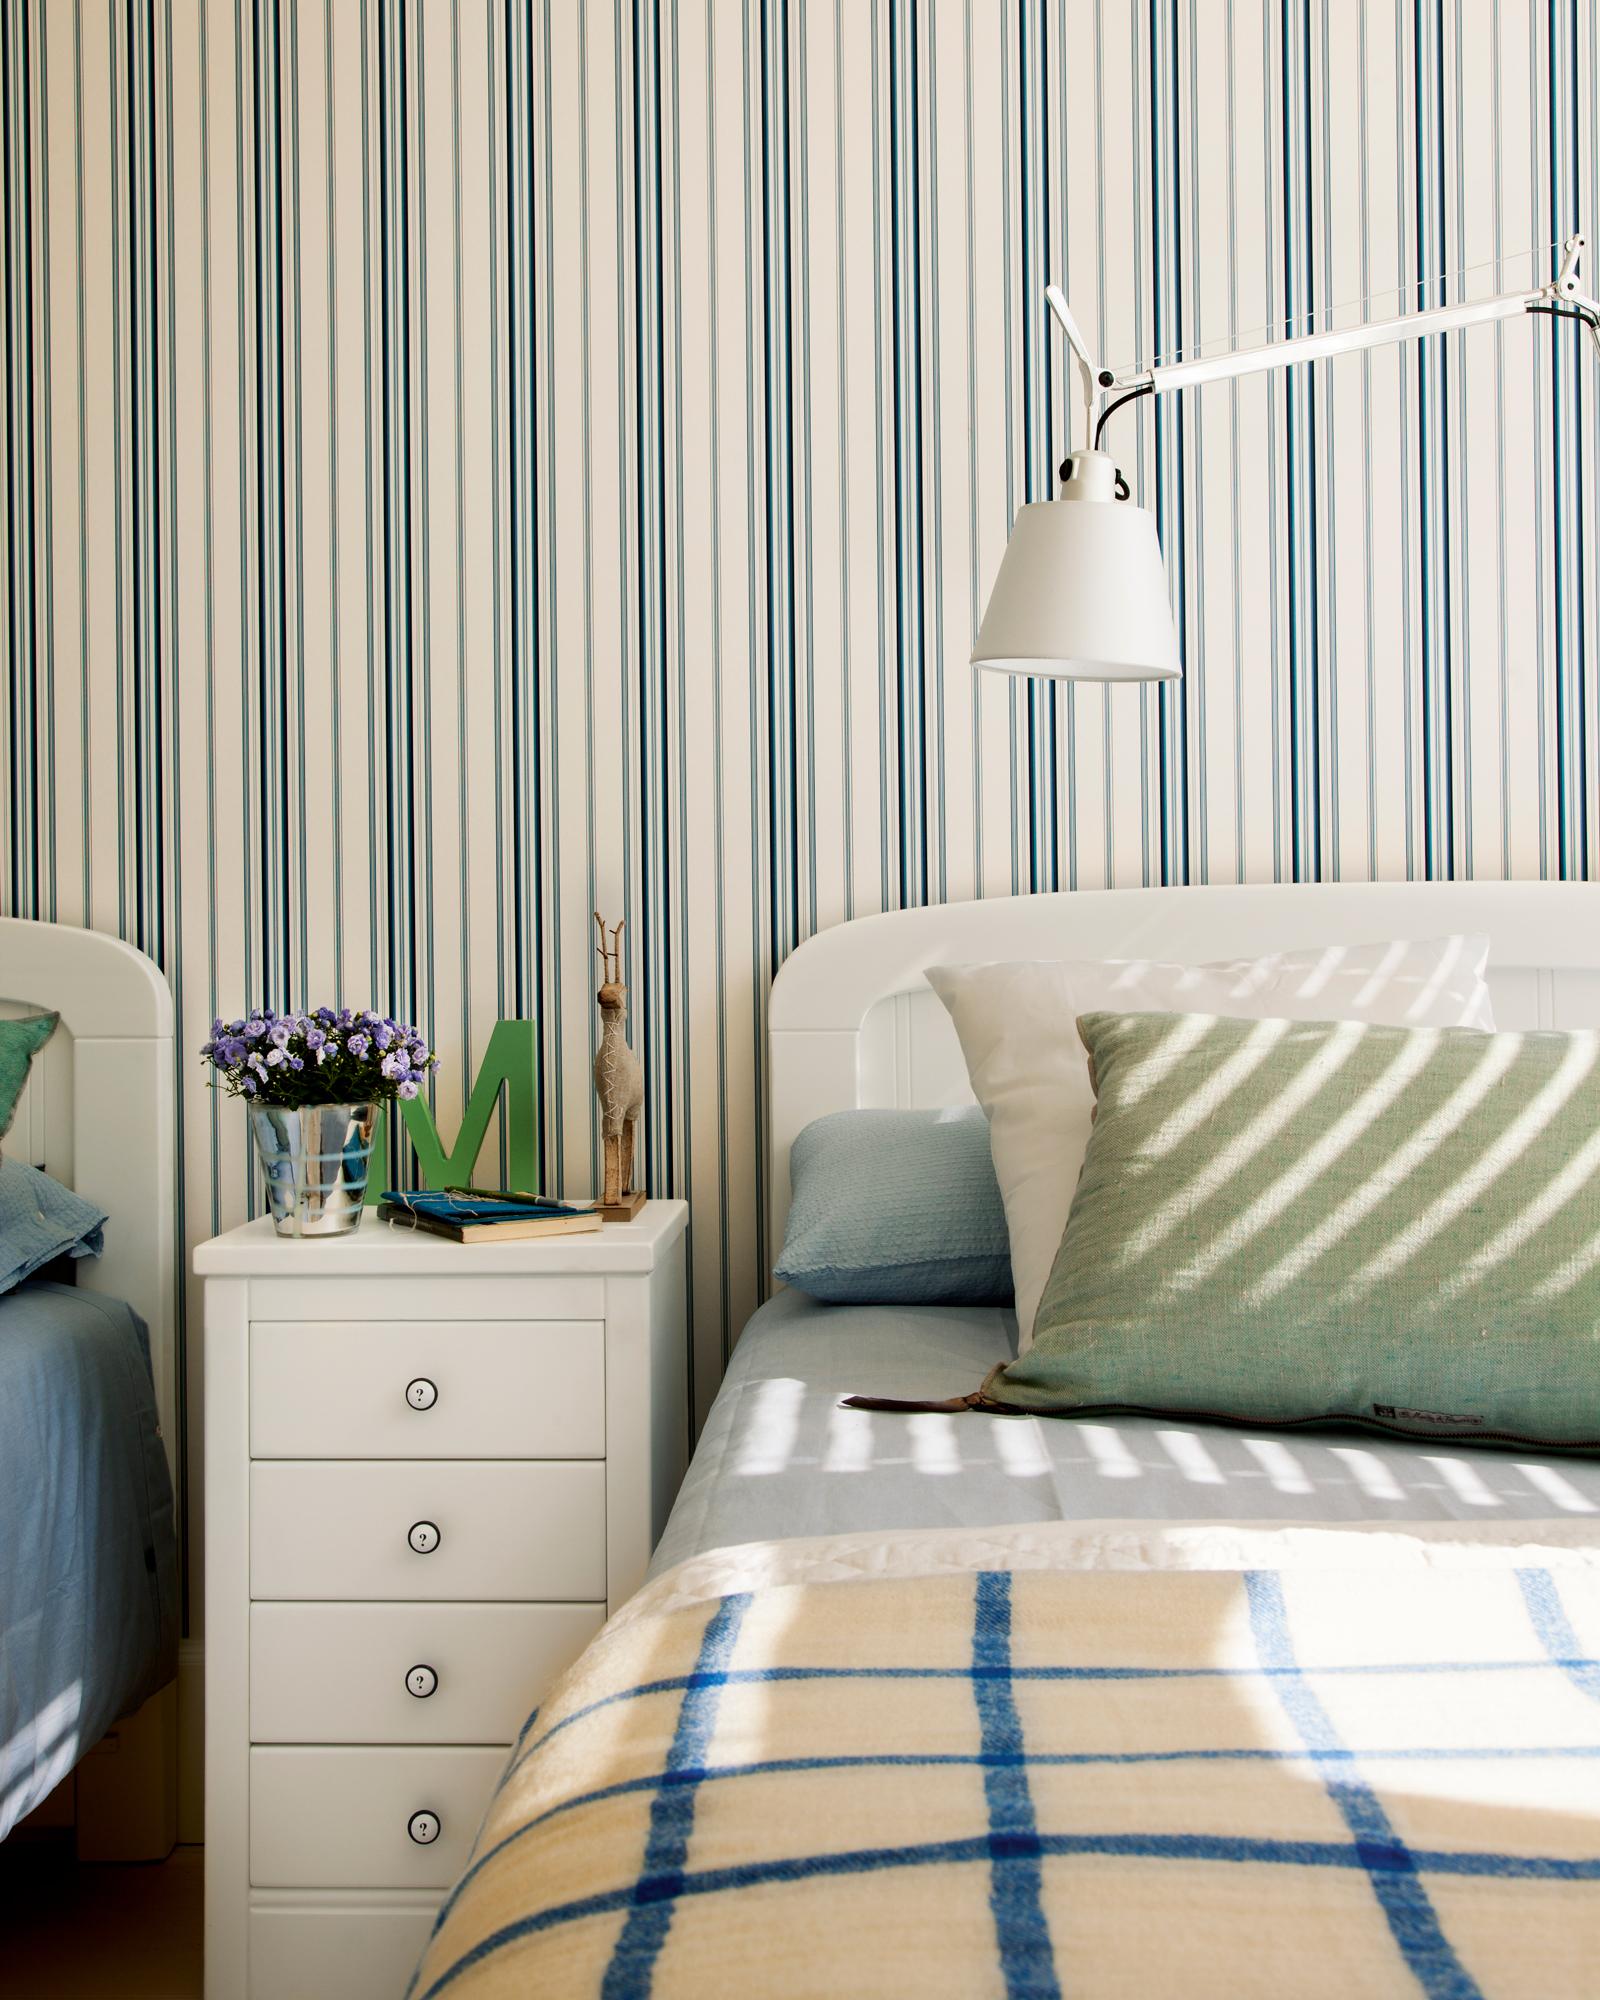 Que pase el color pero esta vez la brocha se queda fuera - Dormitorios pintados a rayas ...